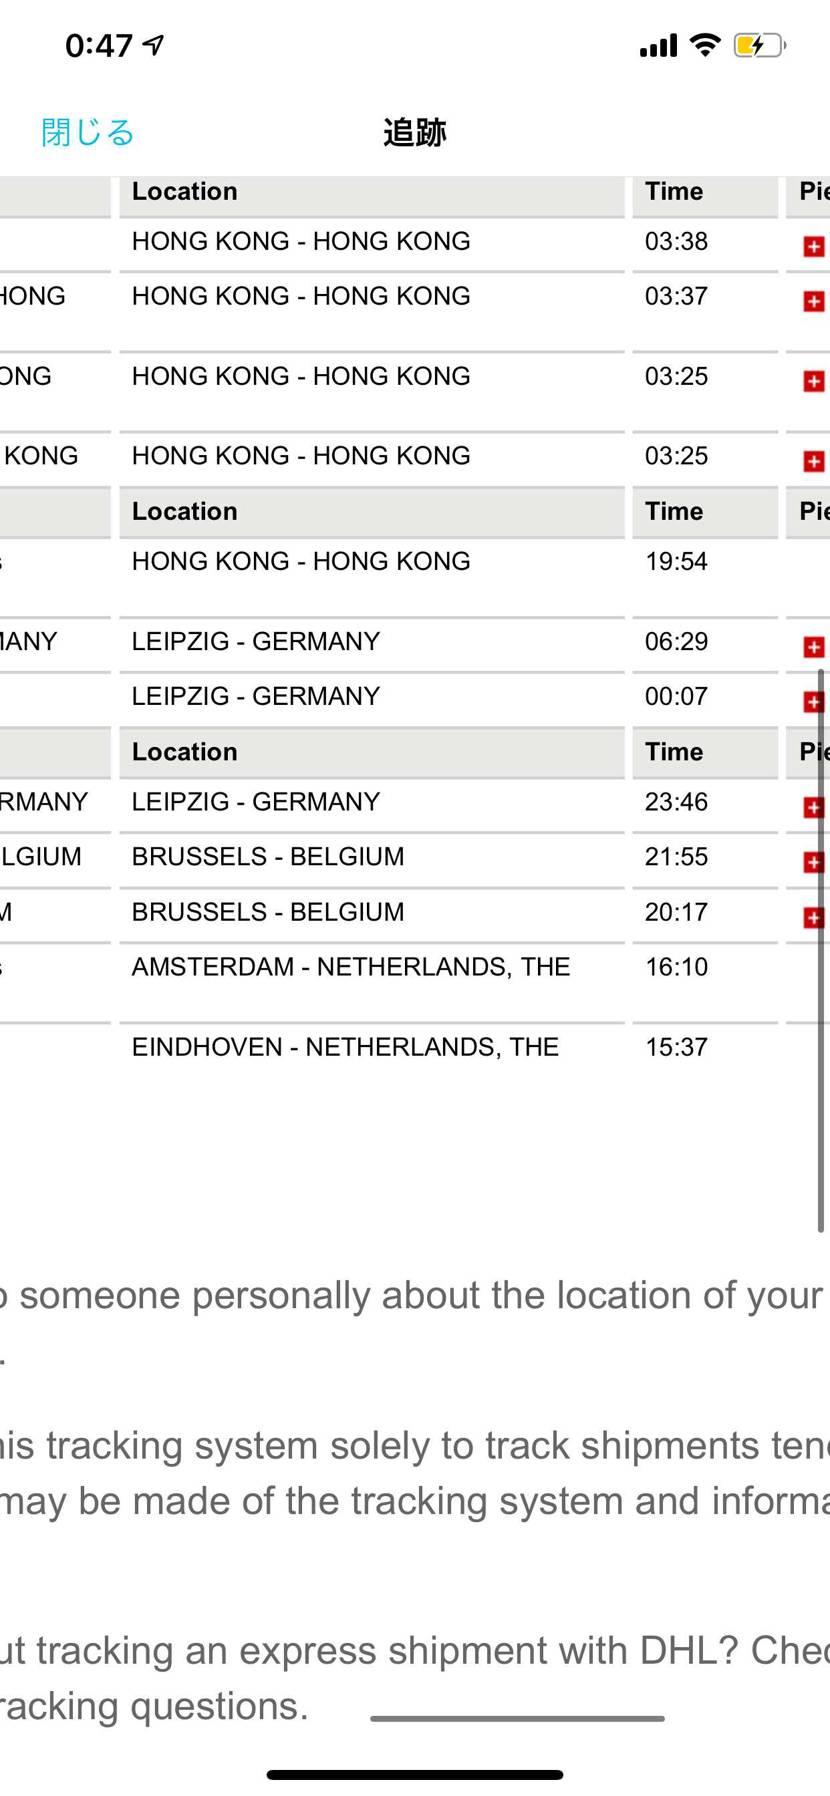 StockXから発送されたんですけど一日たっても香港から動き出さないんですけど大